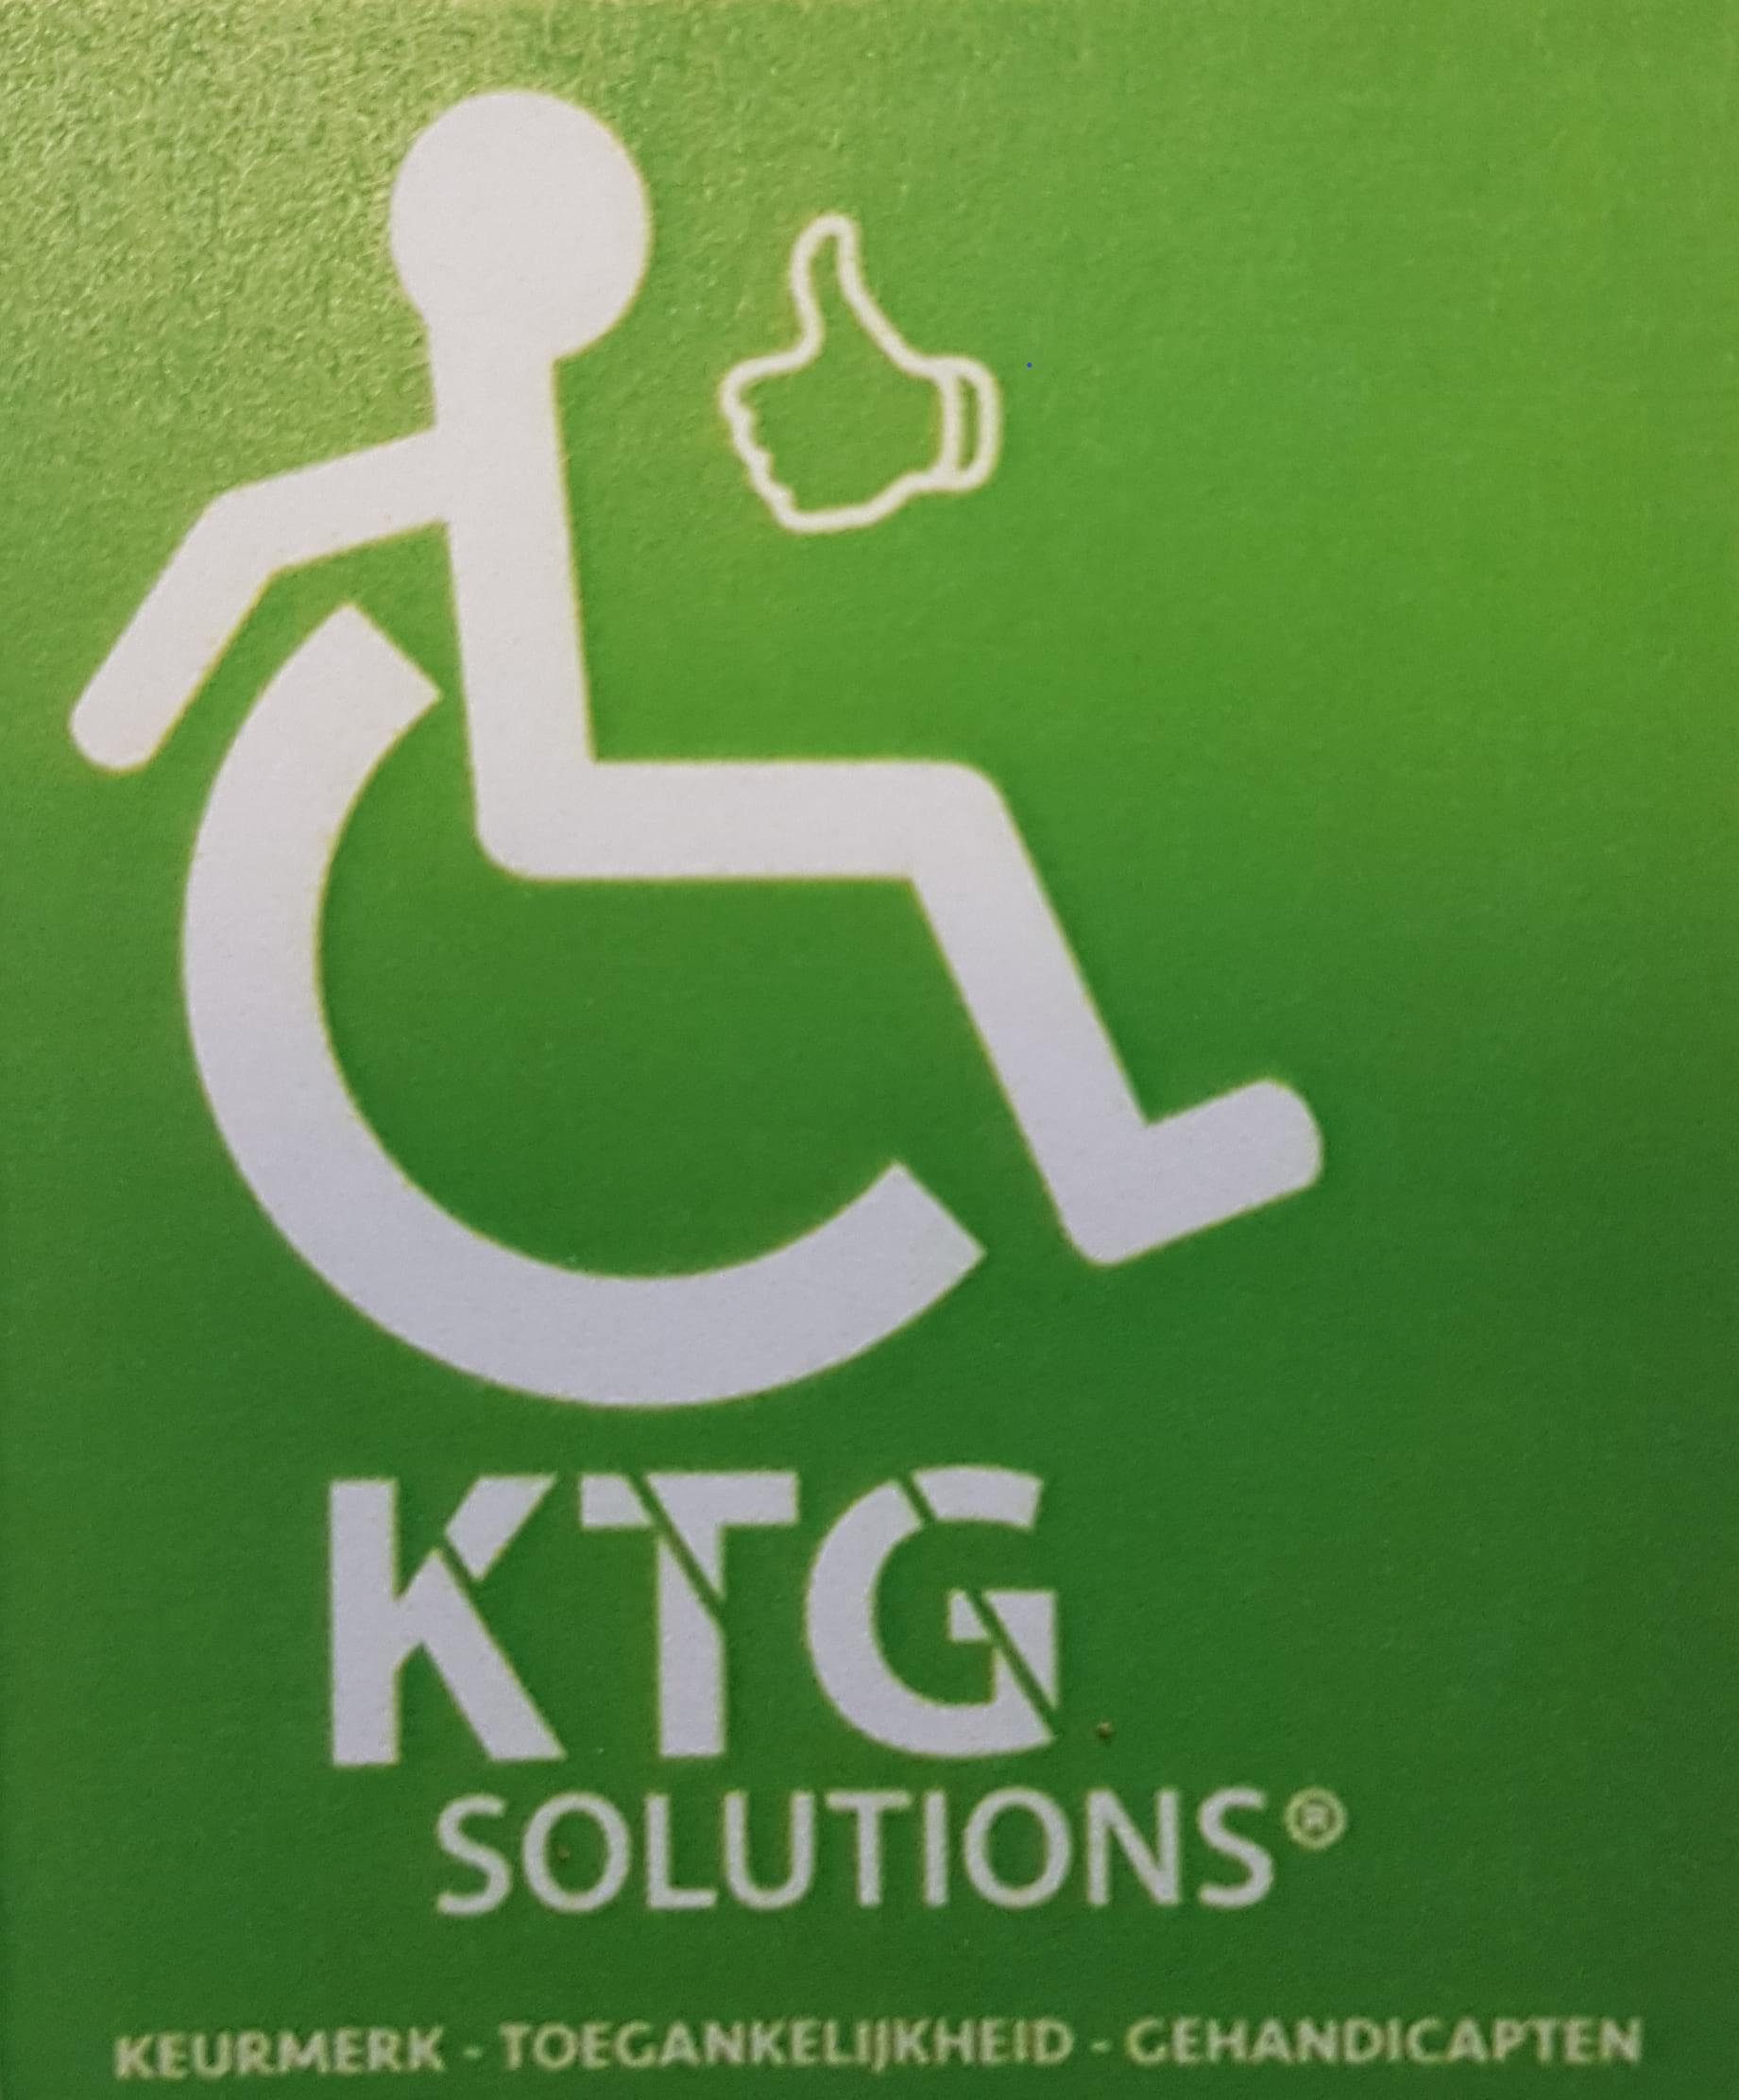 Logo KTG Solutions